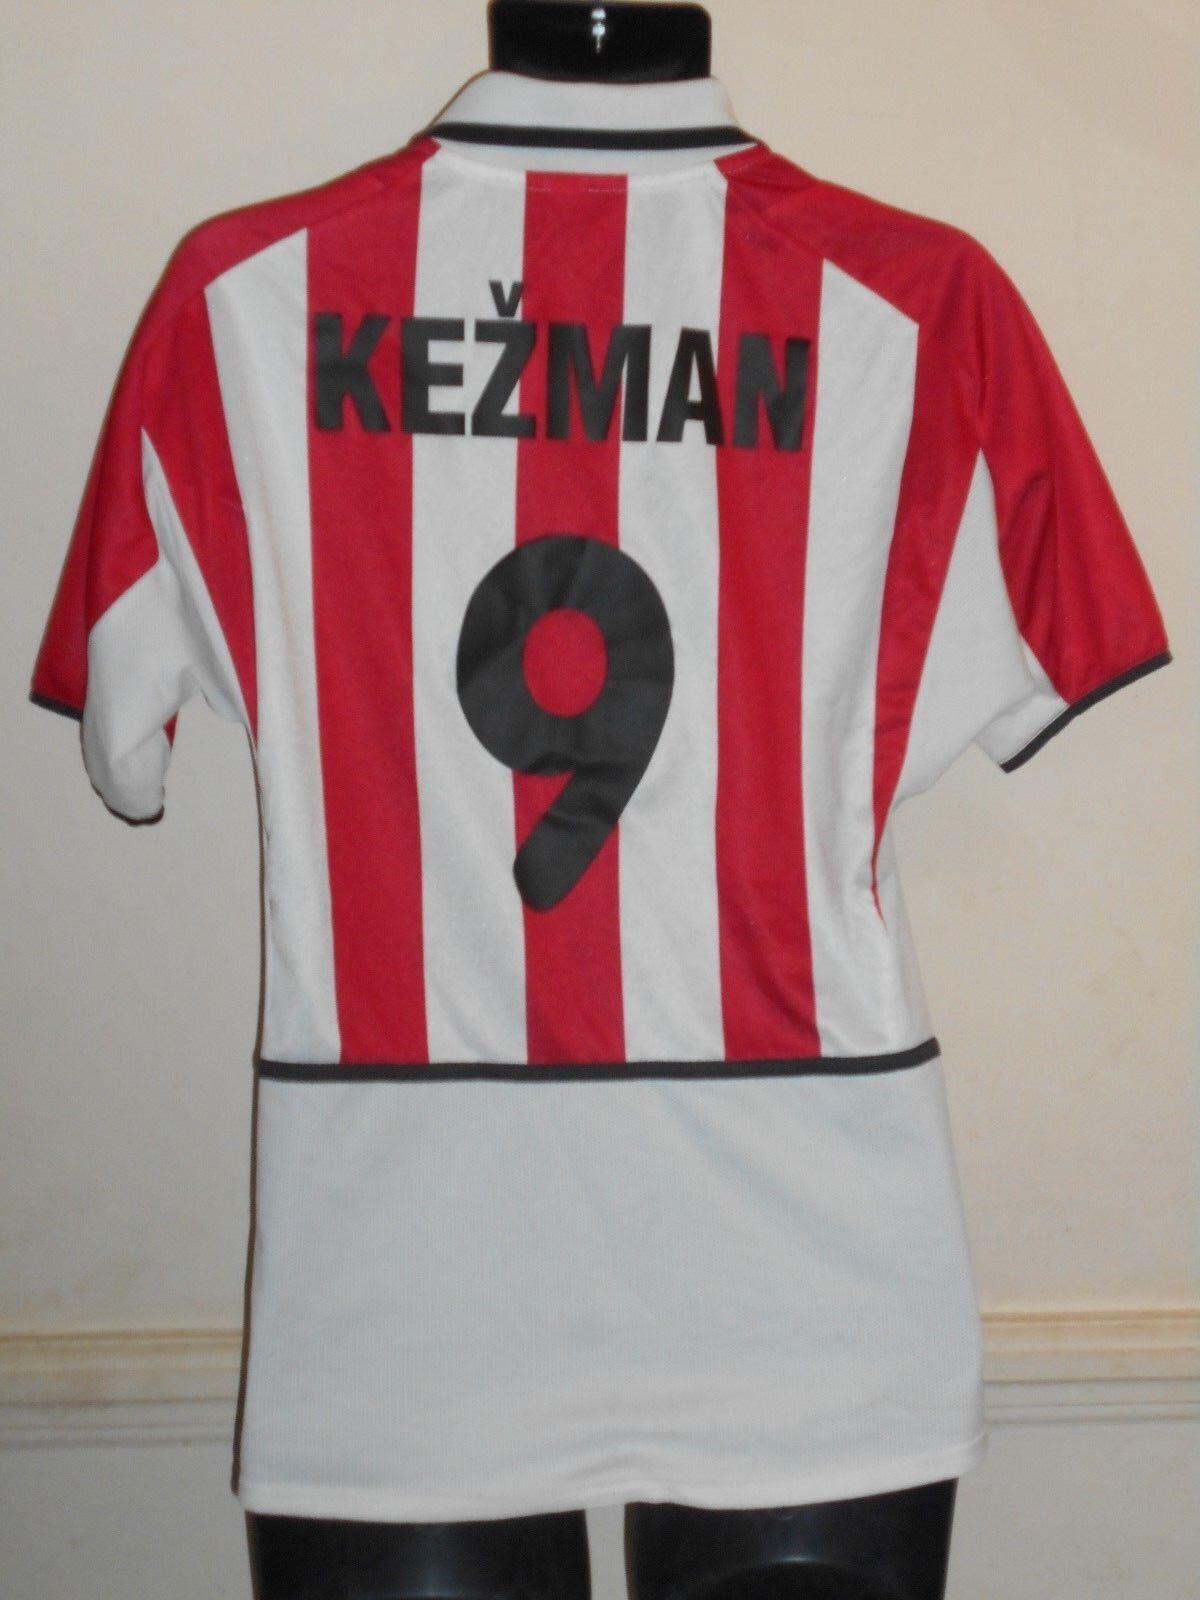 PSV Eindhoven Holanda Home  Camisa 2002-2003 Kezman 9 pequeños para hombres  1013  Felices compras